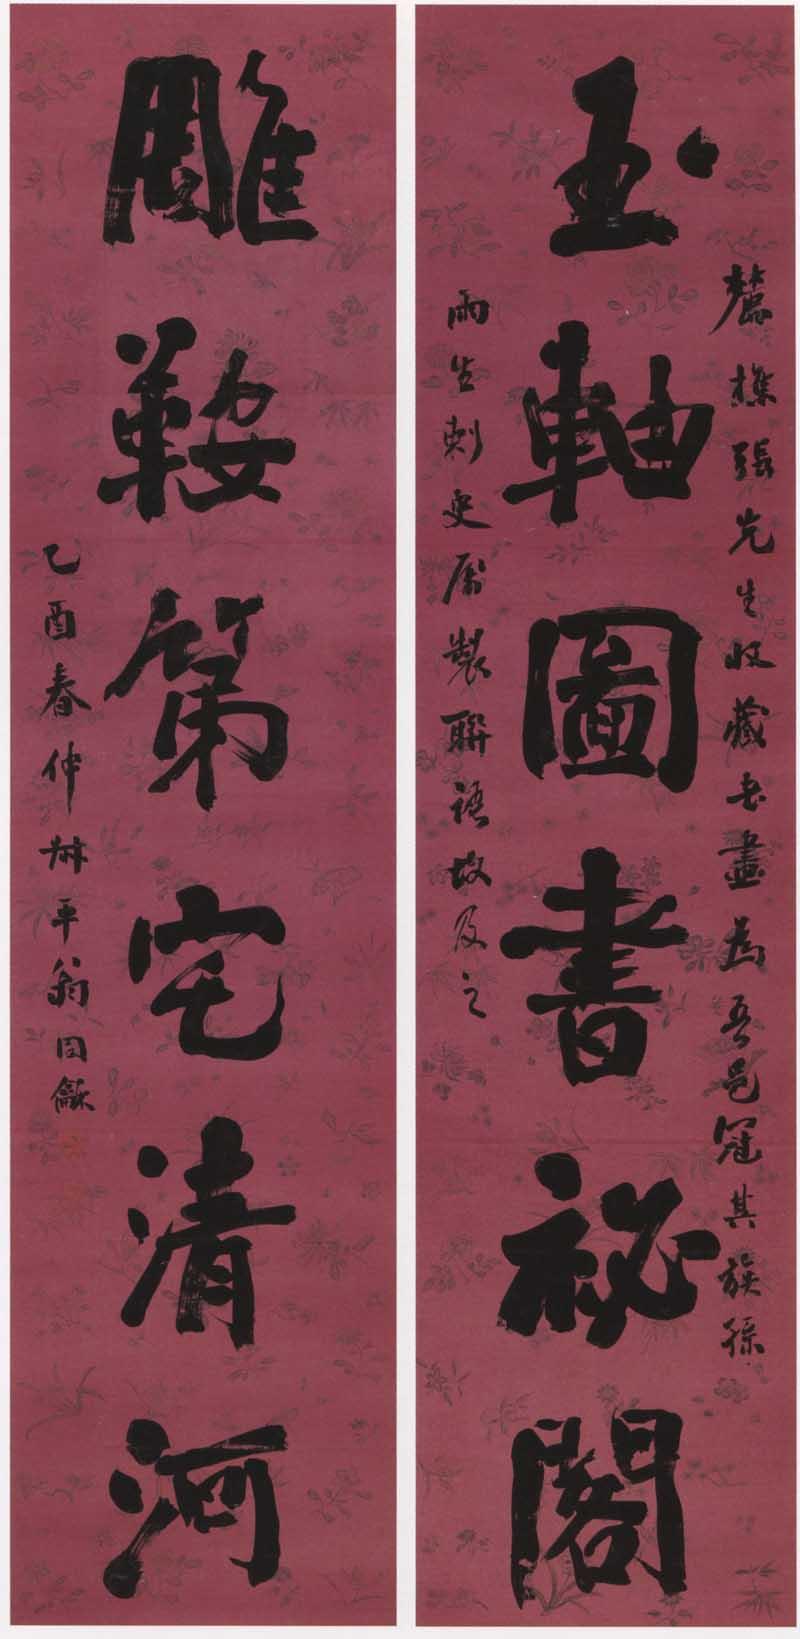 翁同龢《行书玉轴雕鞍六言联》天津博物馆藏